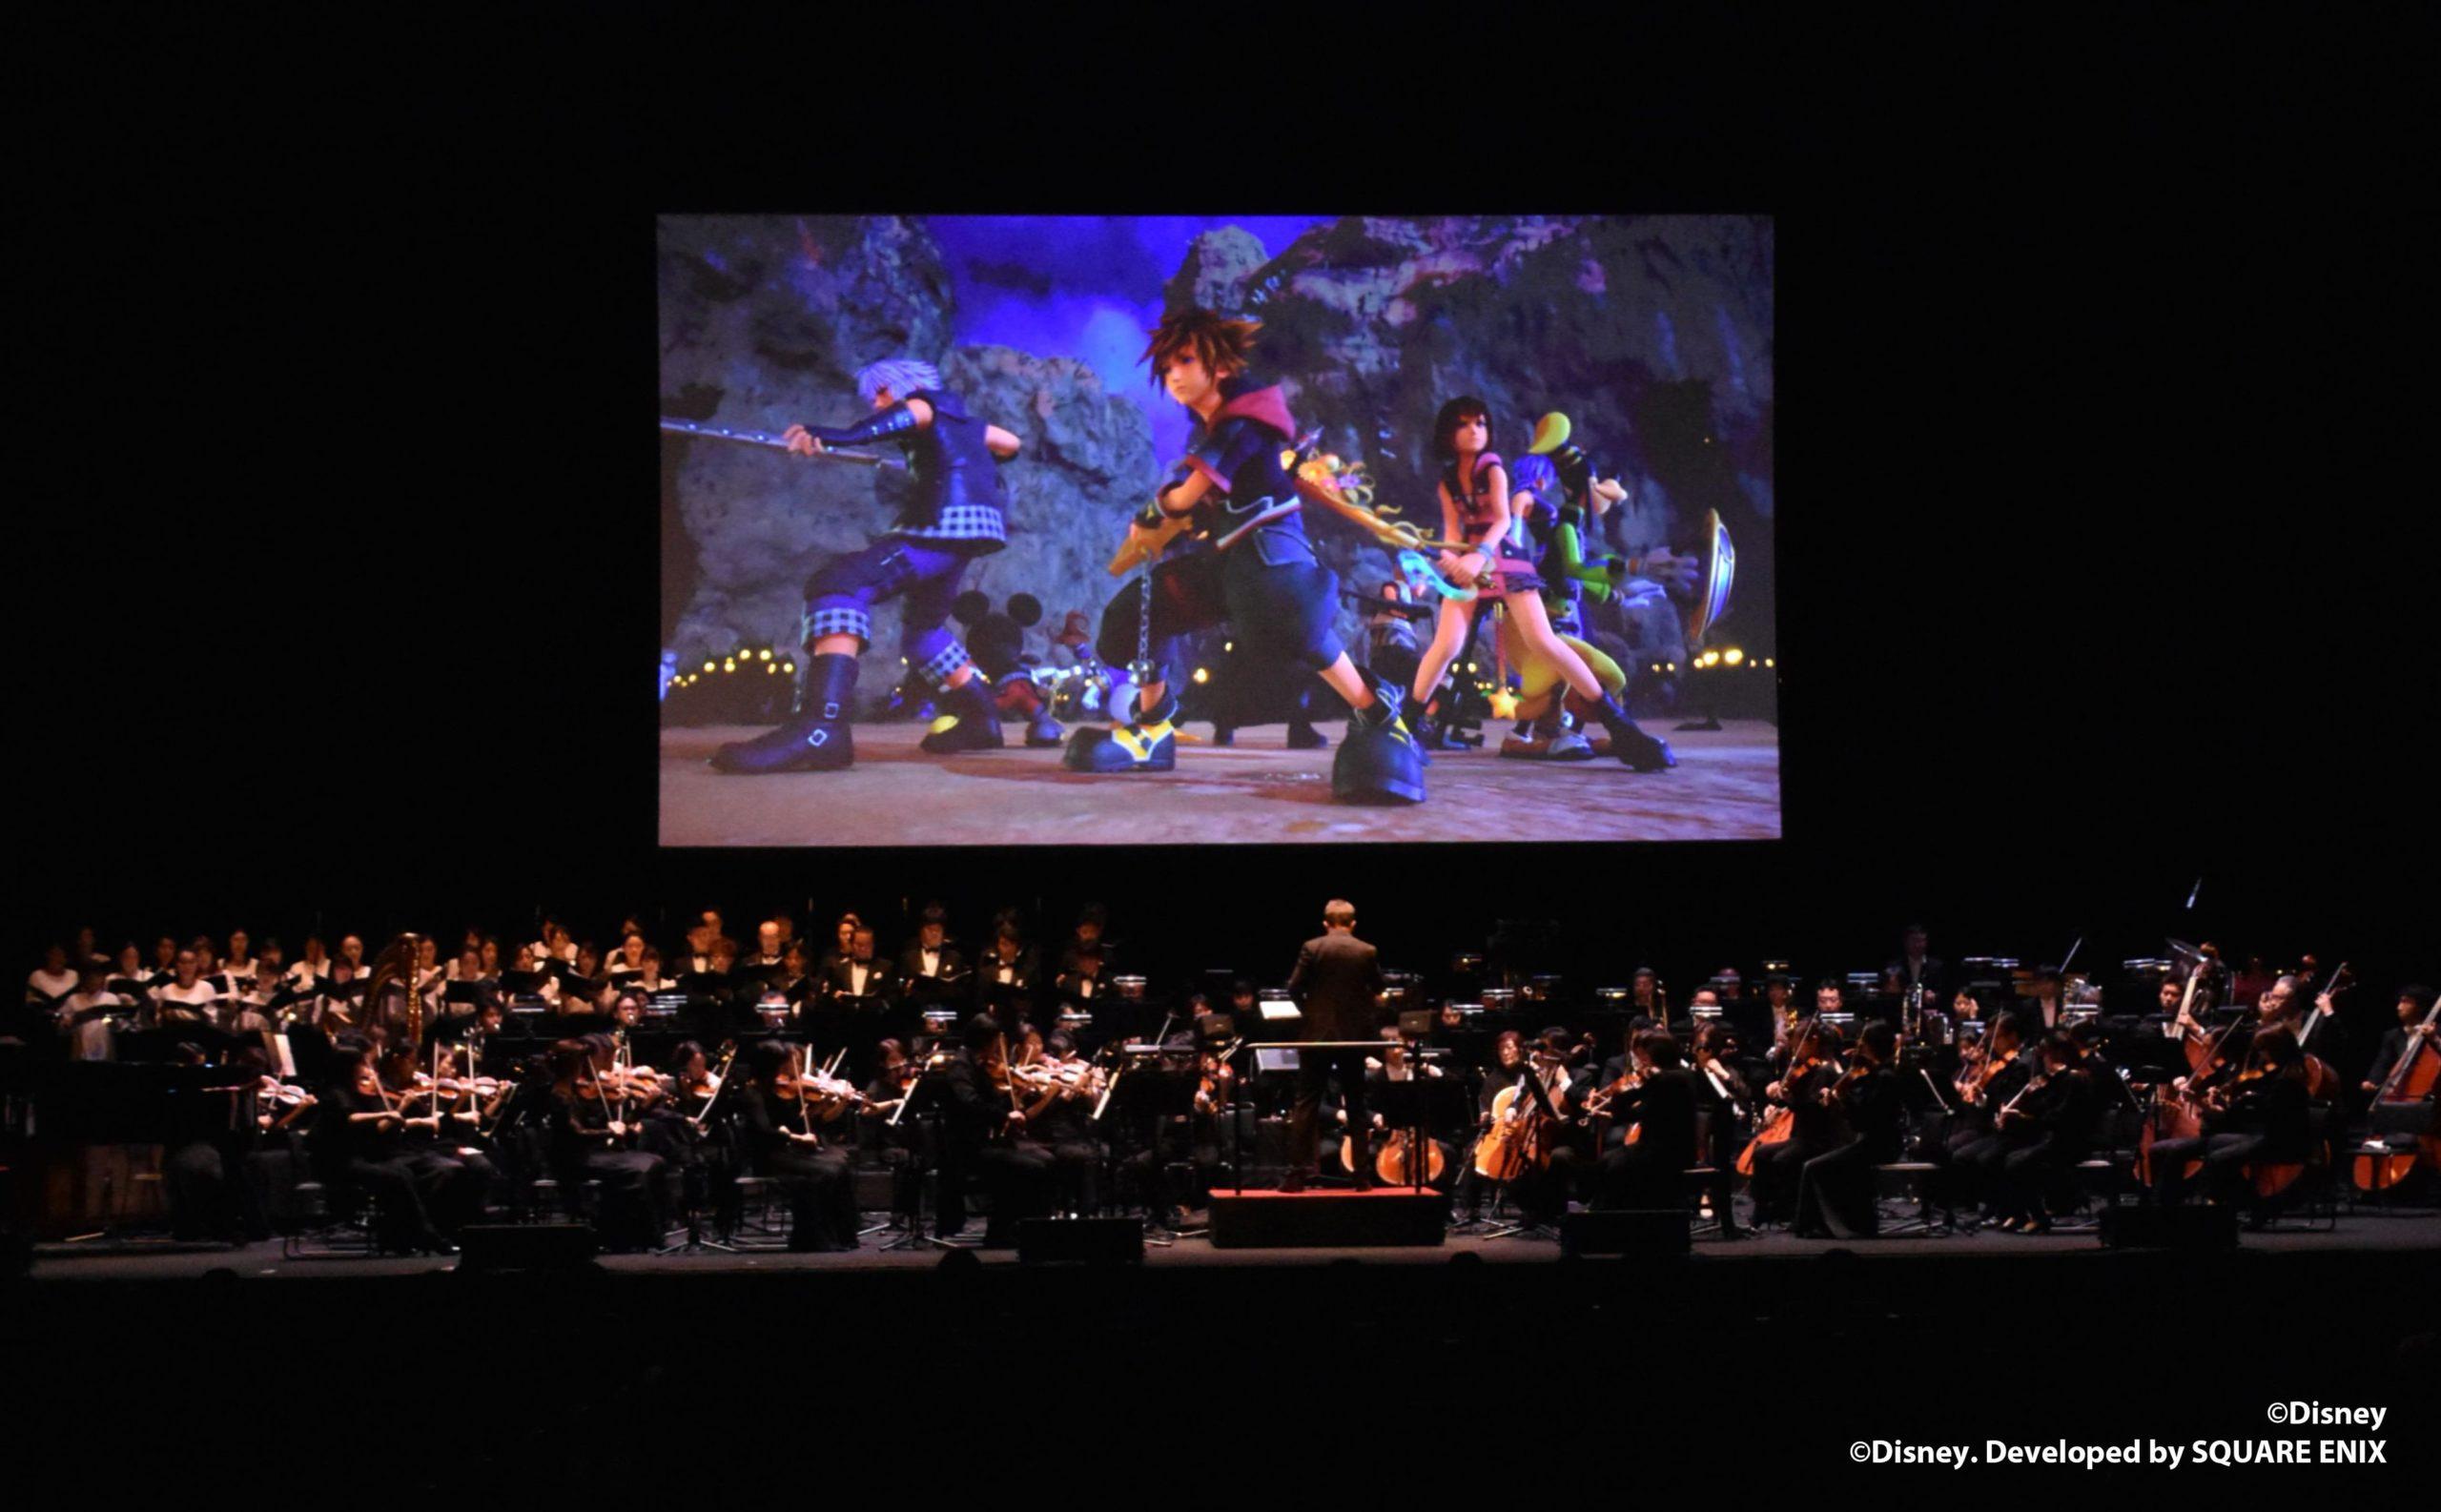 Nuove informazioni su Kingdom Hearts III: ReMind al concerto di Osaka. Nuovo trailer il mese prossimo!